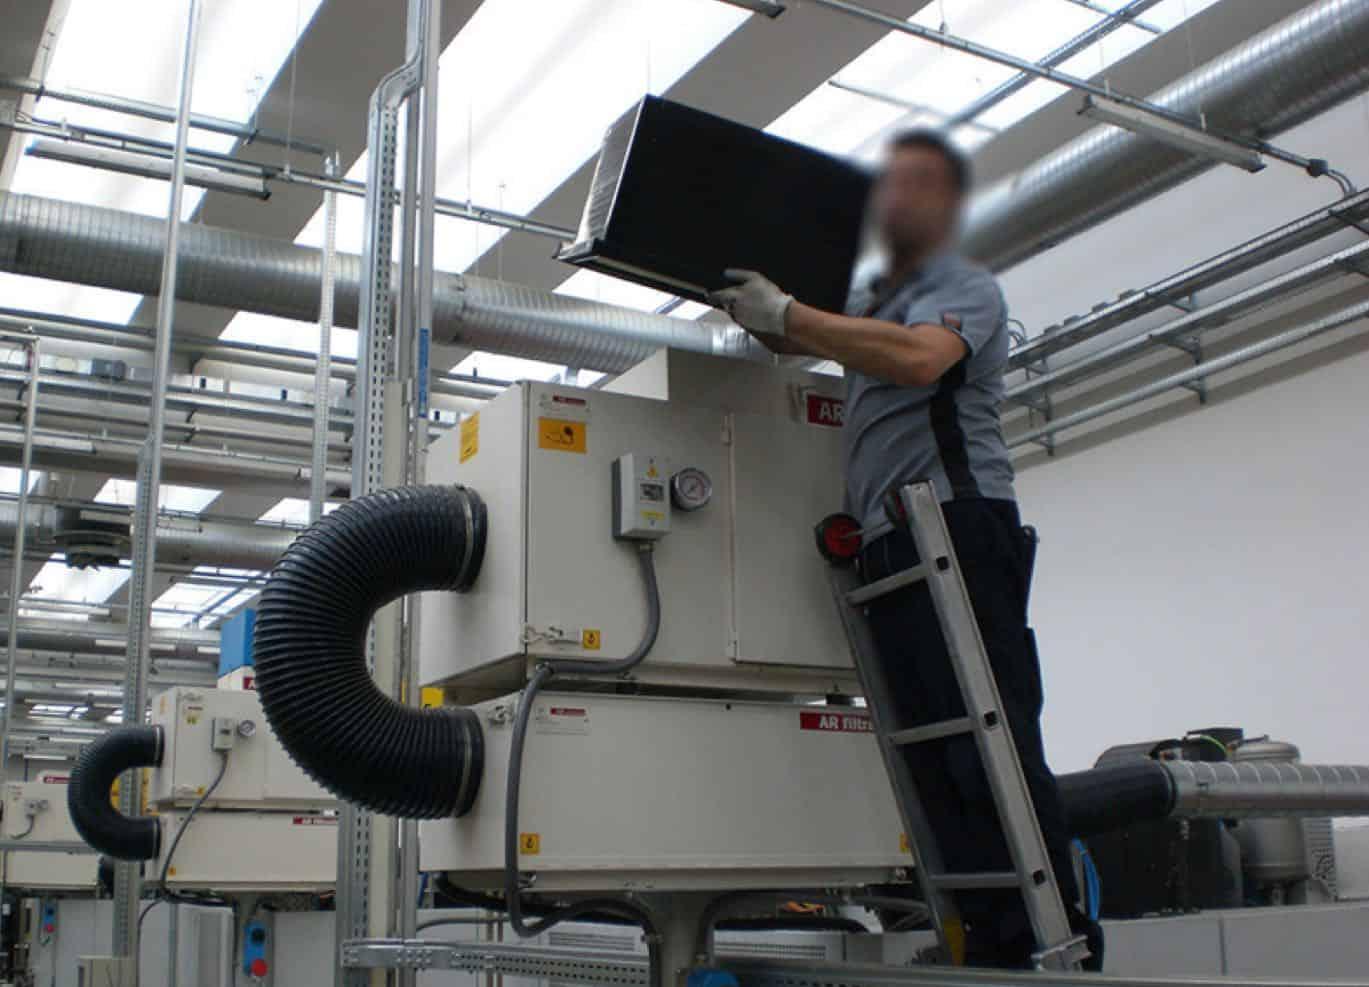 AR Filtrazioni Manutenzione Impianti